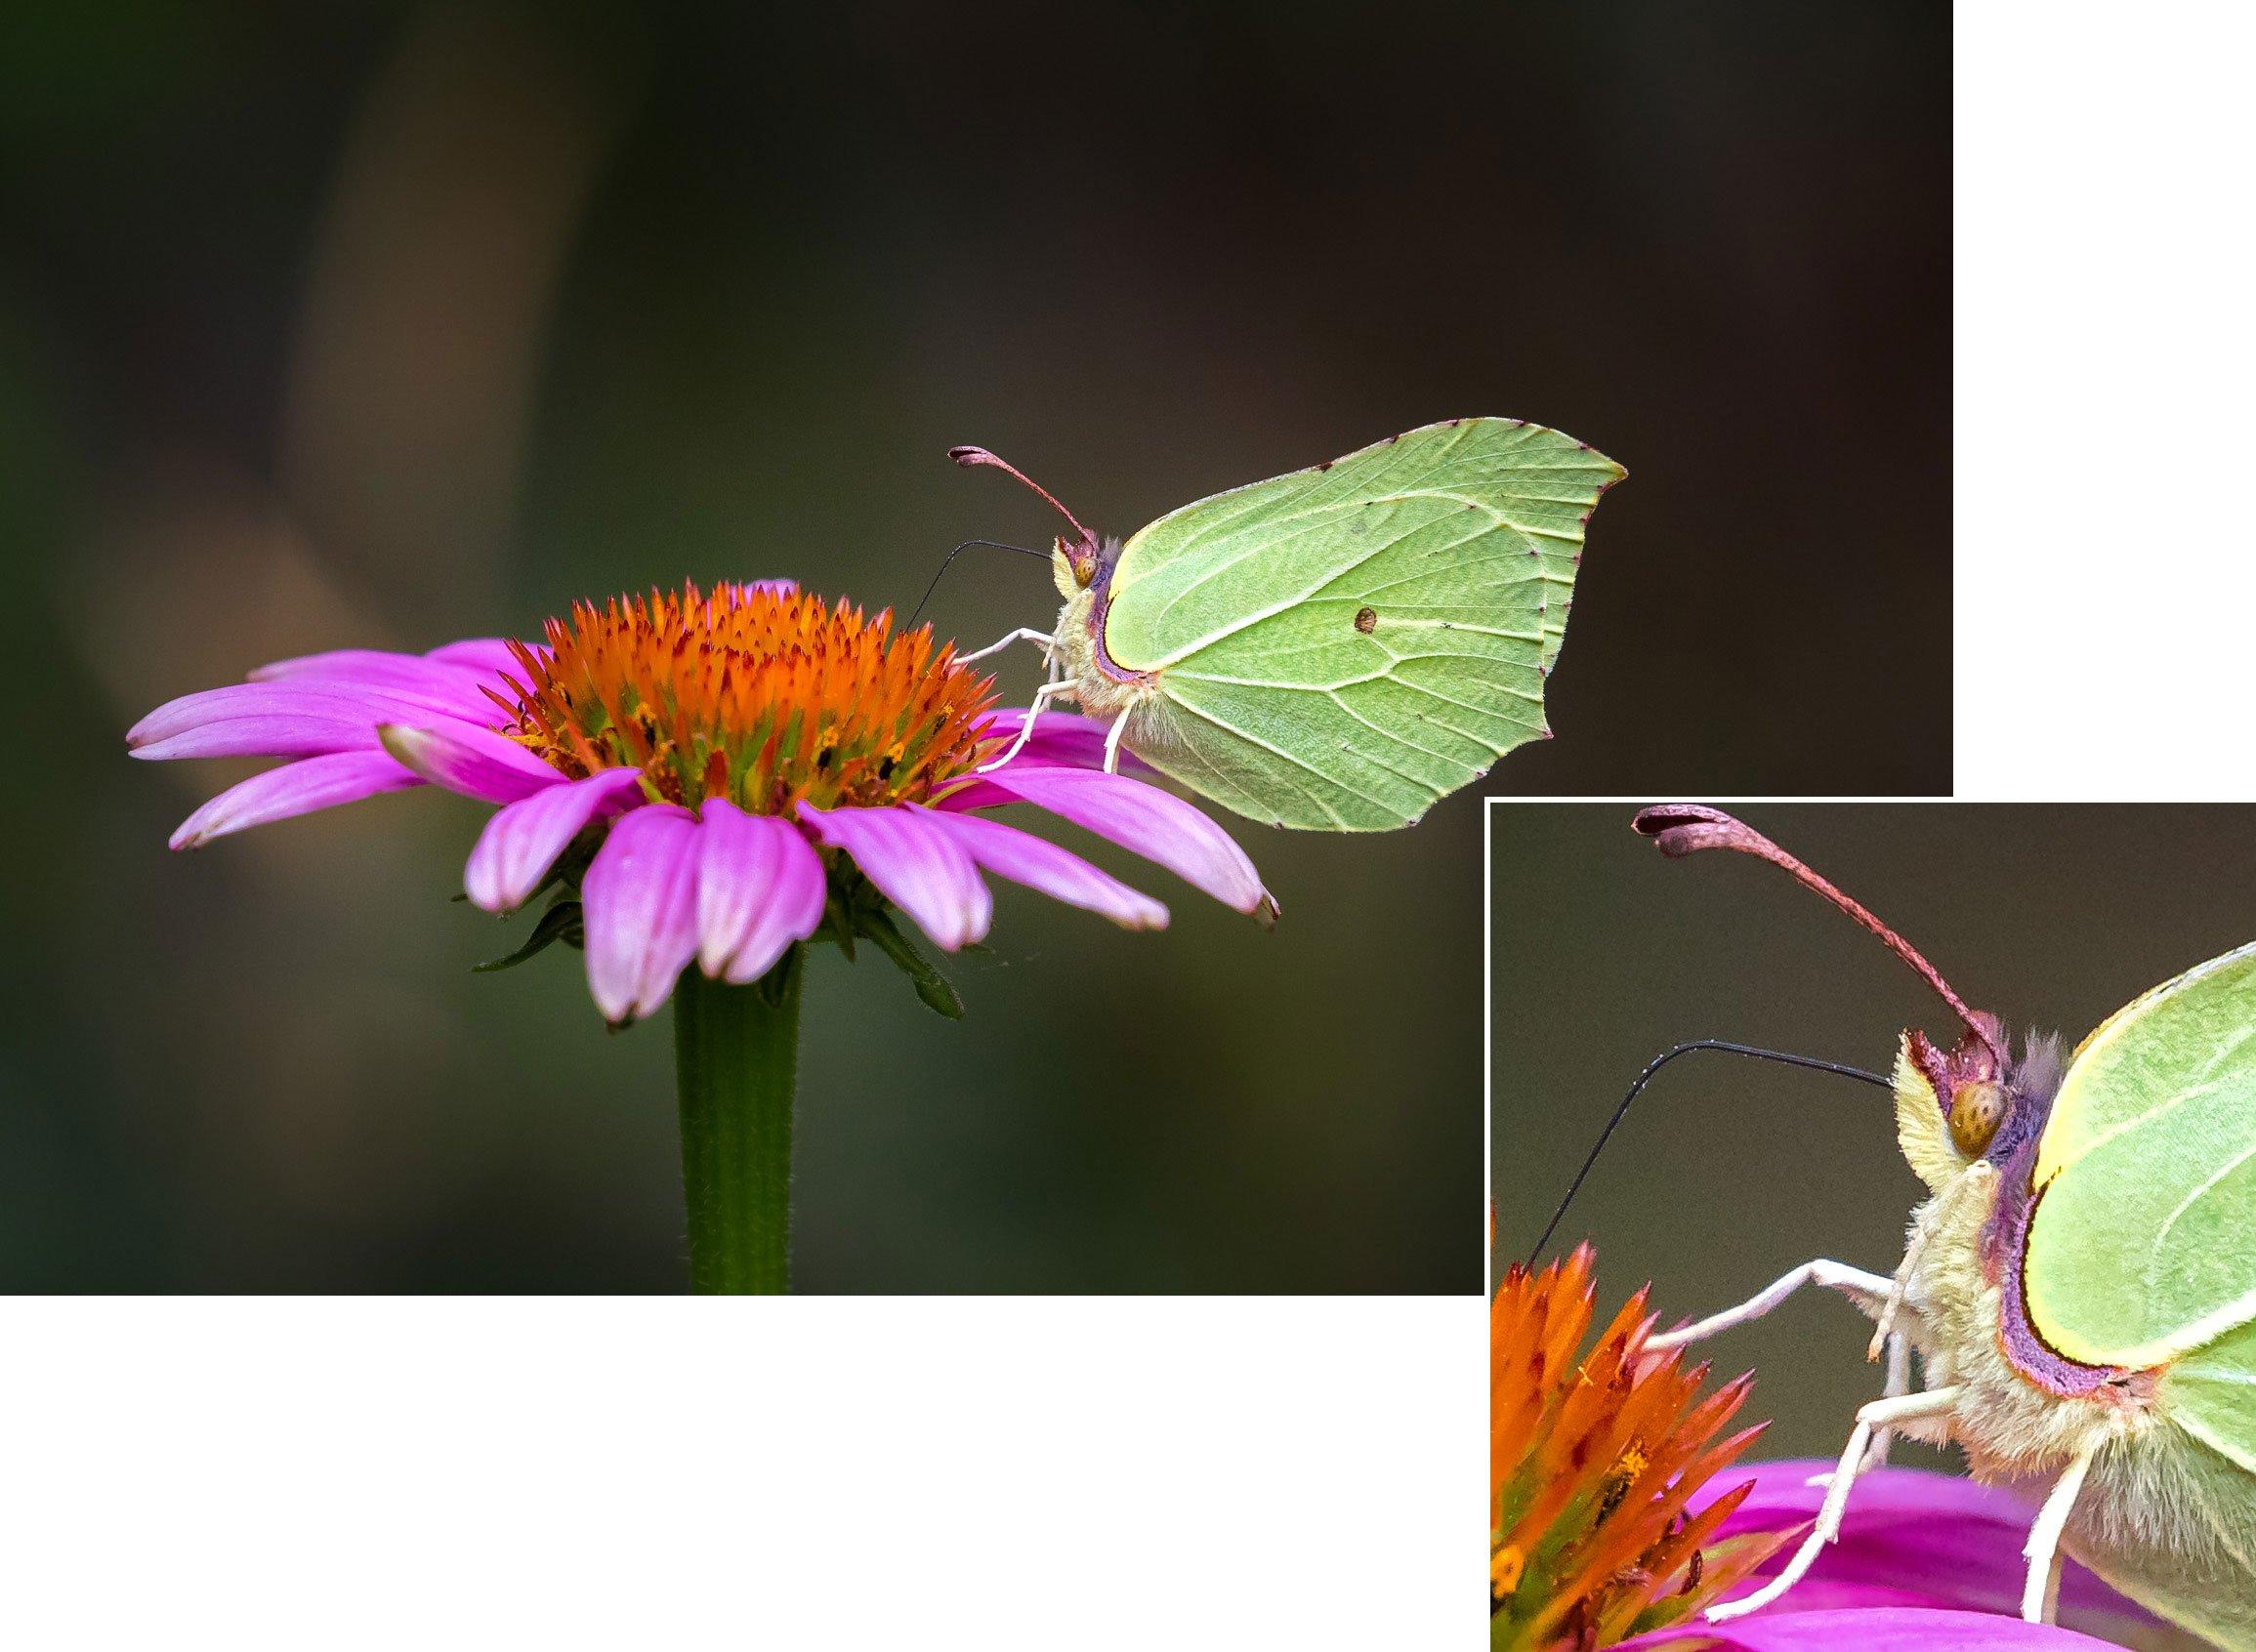 MAcro vlinder voorbeeld 1